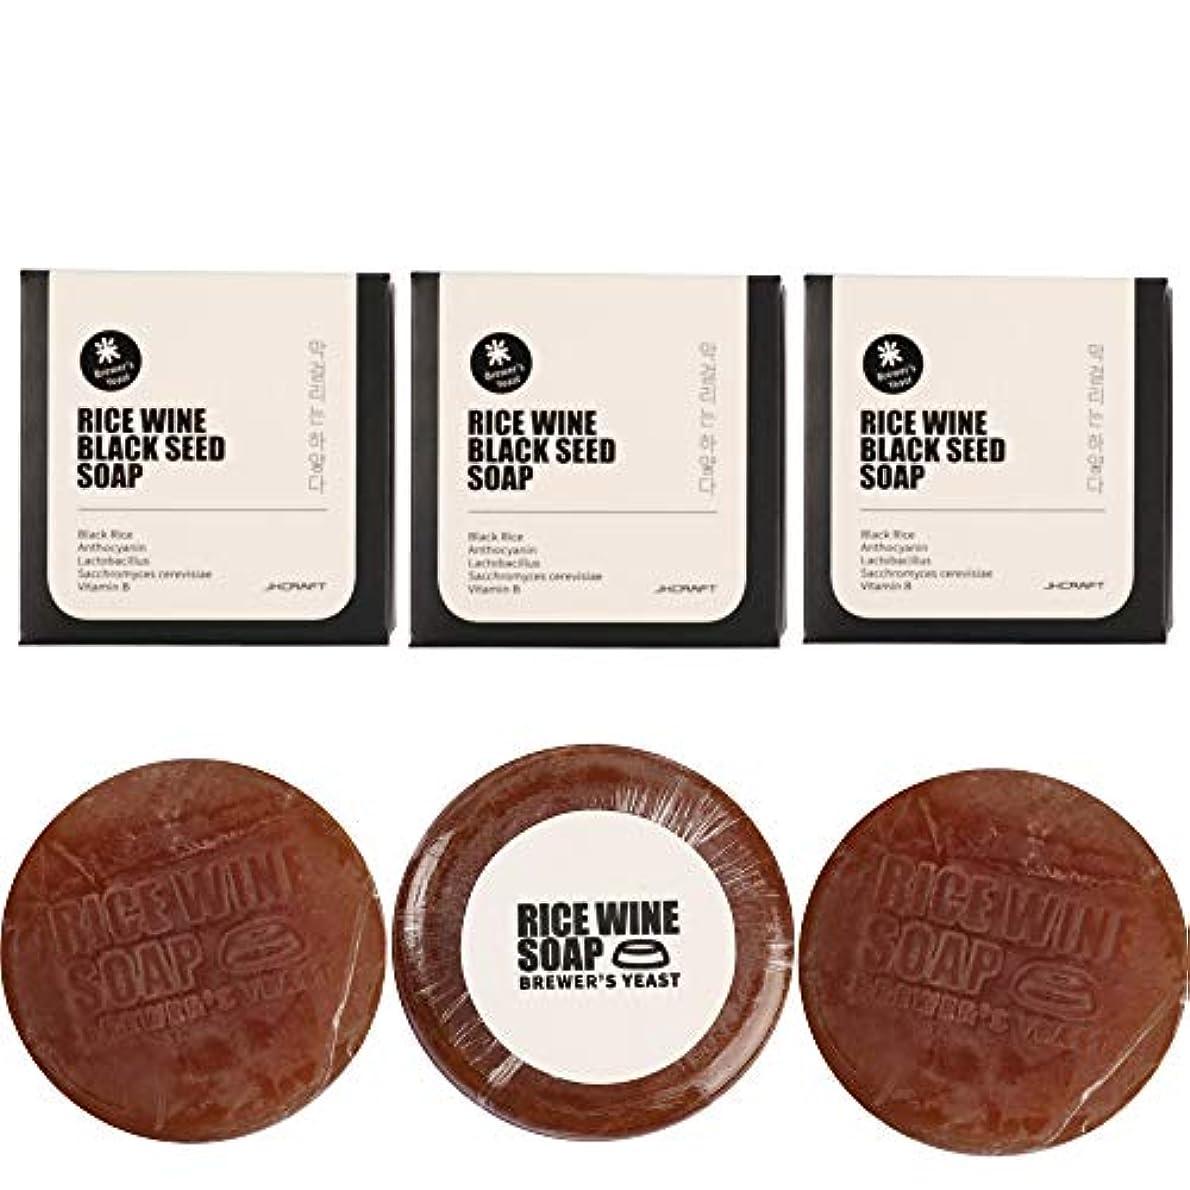 貝殻推測する滑るJKCRAFT RICEWINE BLACK SEED SOAP 黒米マッコリ酵母石鹸,無添加,無刺激,天然洗顔石鹸 3pcs [並行輸入品]